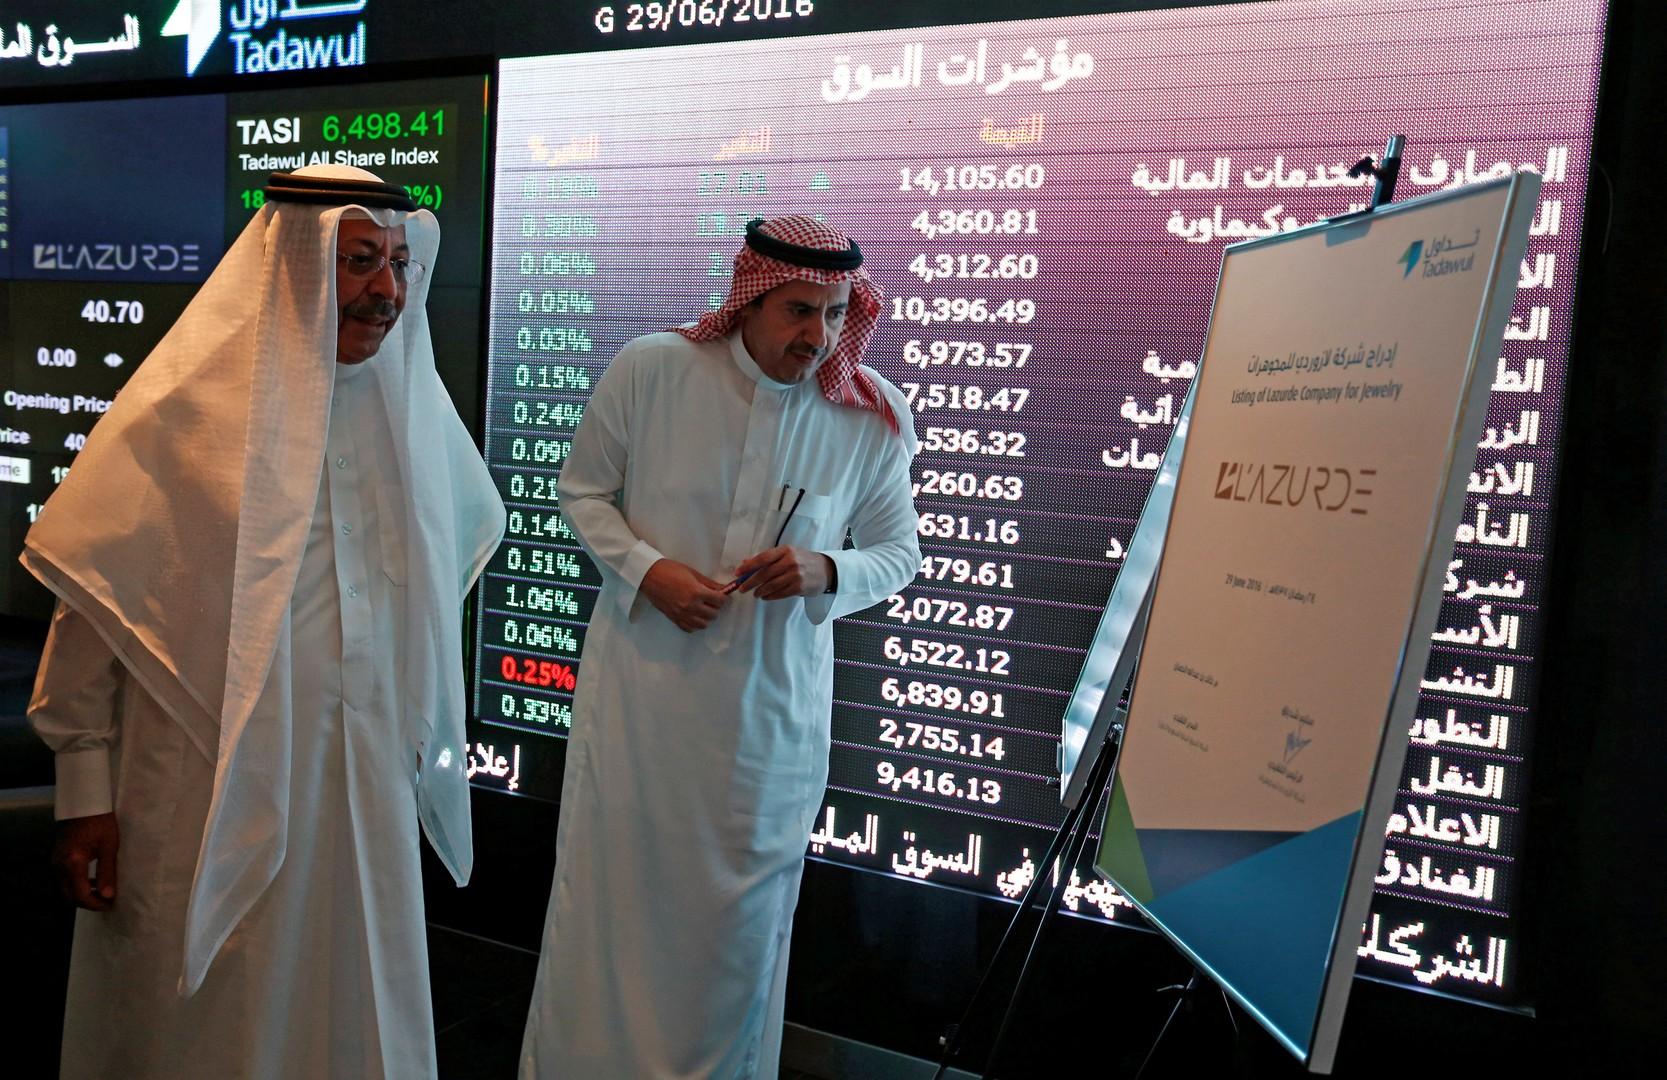 انخفاض البورصة السعودية